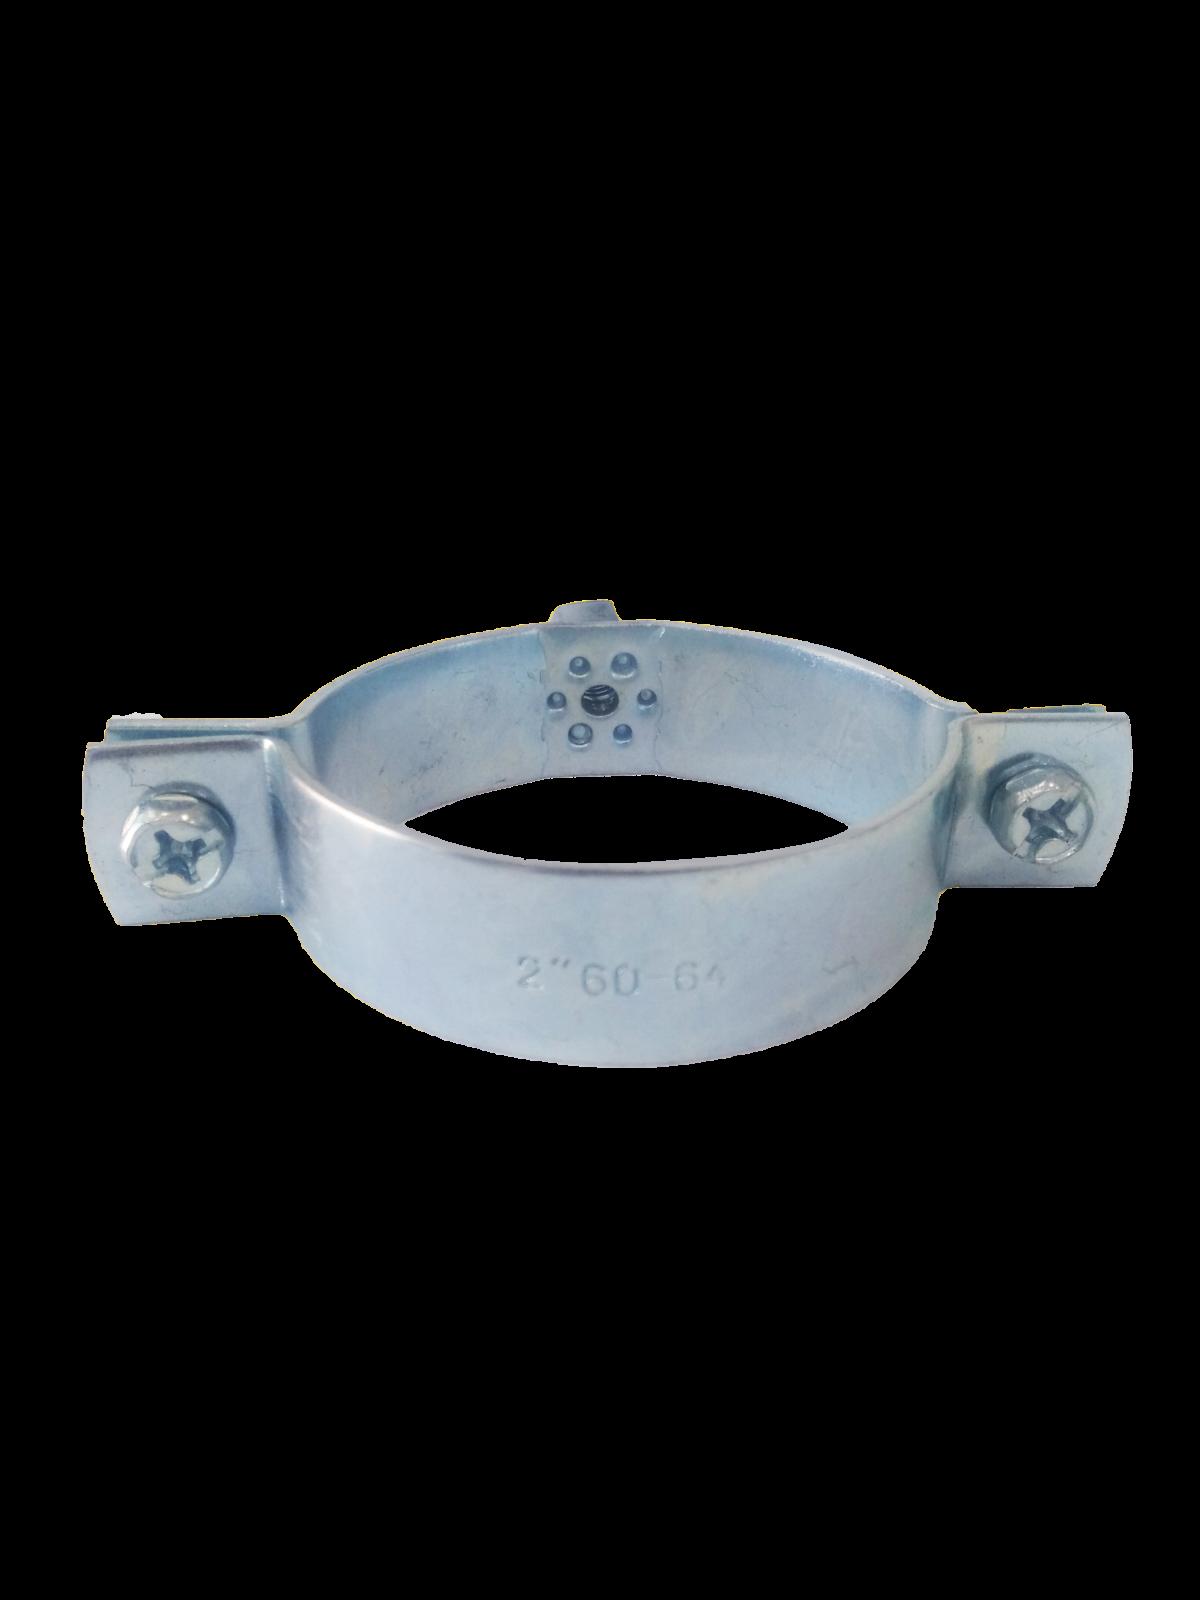 Colliers de fixation galvanisés Renforcés Sans Joint M8-10